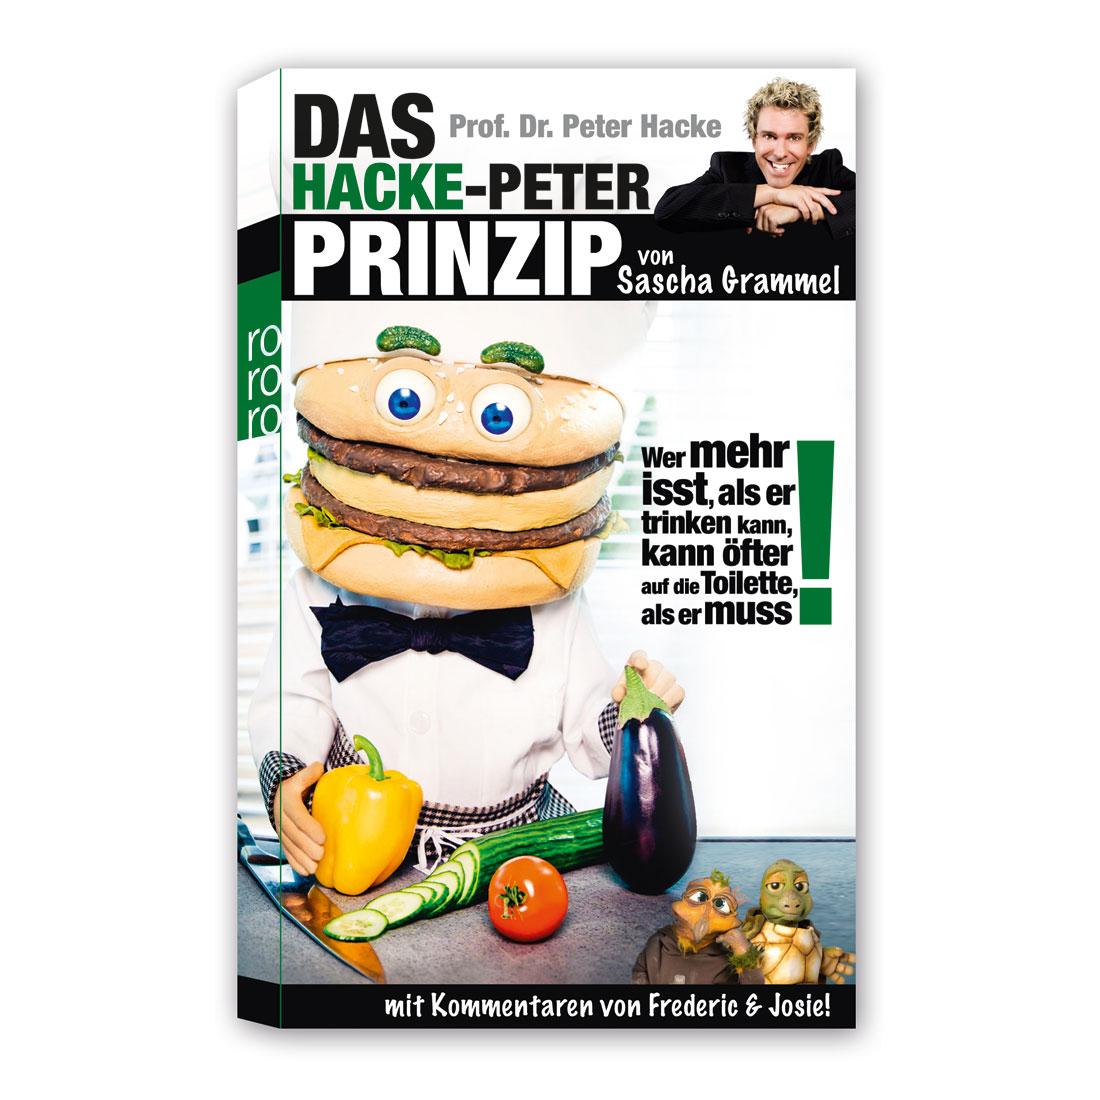 Sascha Grammel - Shop - Das Hacke-Peter-Prinzip - Sascha Grammel - Buch